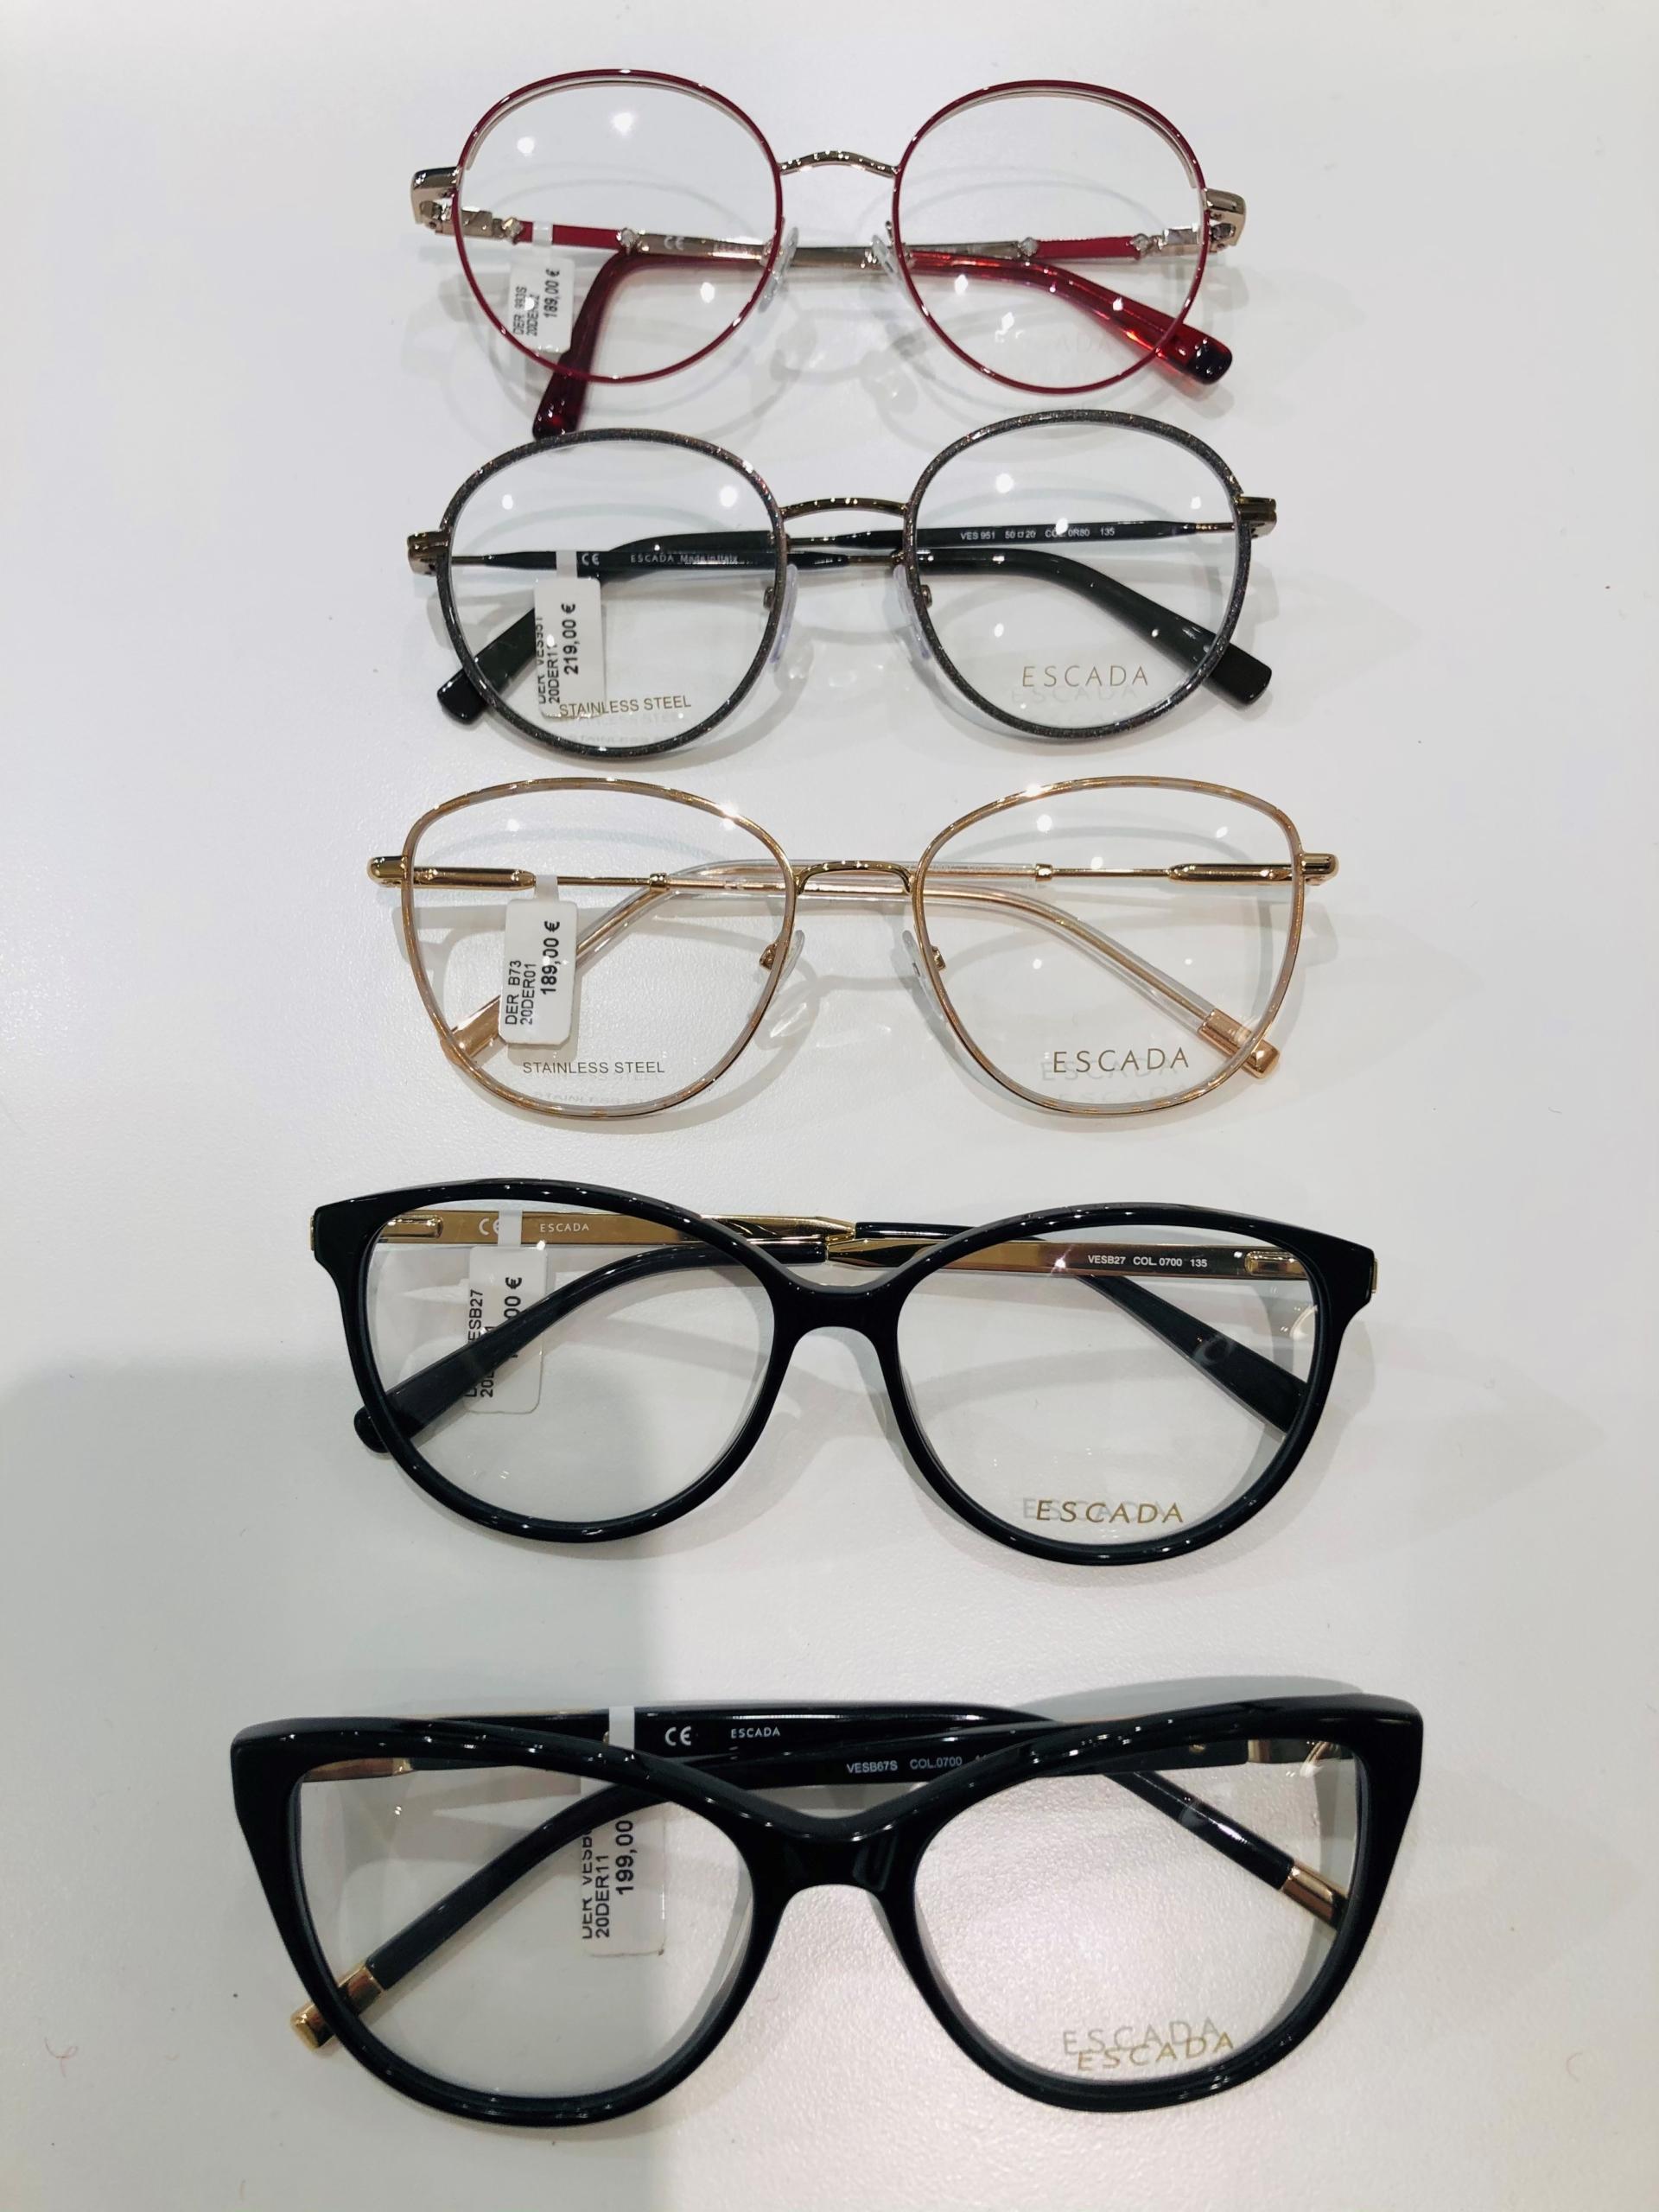 2_Schaufenster online_03012021_Optiker Augensache Brille Kontaktlinse Friedberg_ESCADA_MARC OPOLO